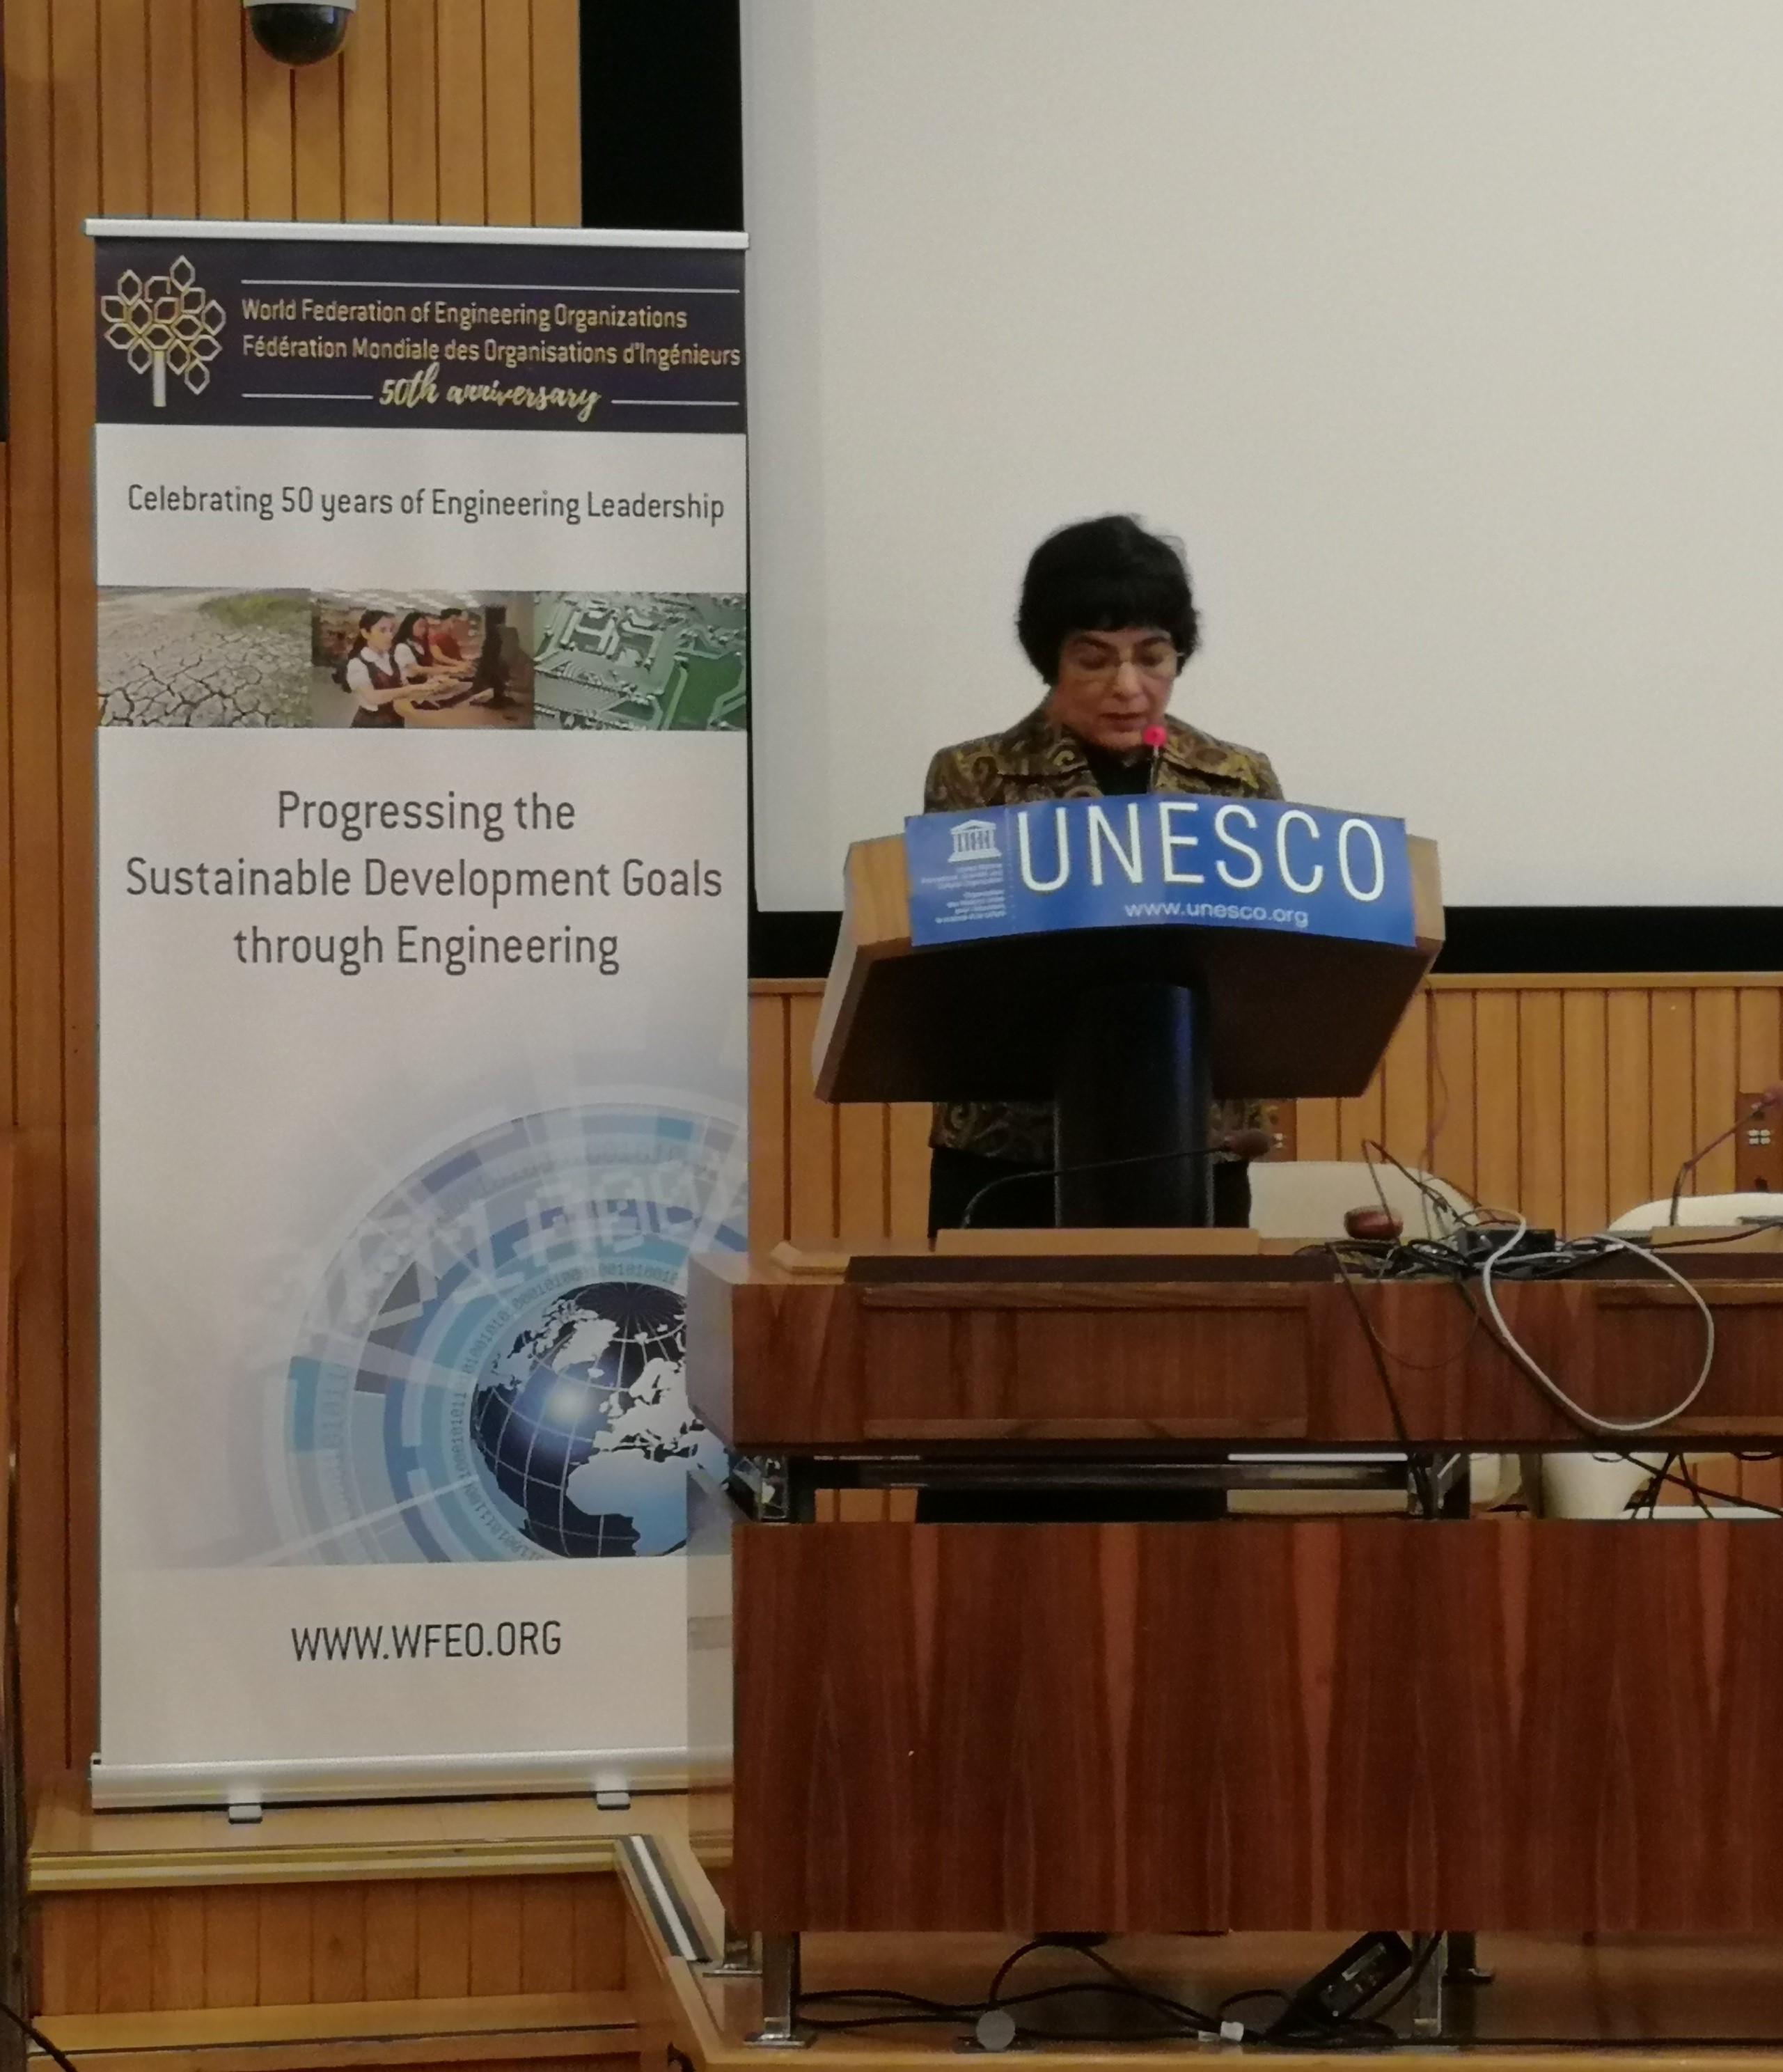 WFEO President Dr. Marlene Kanga